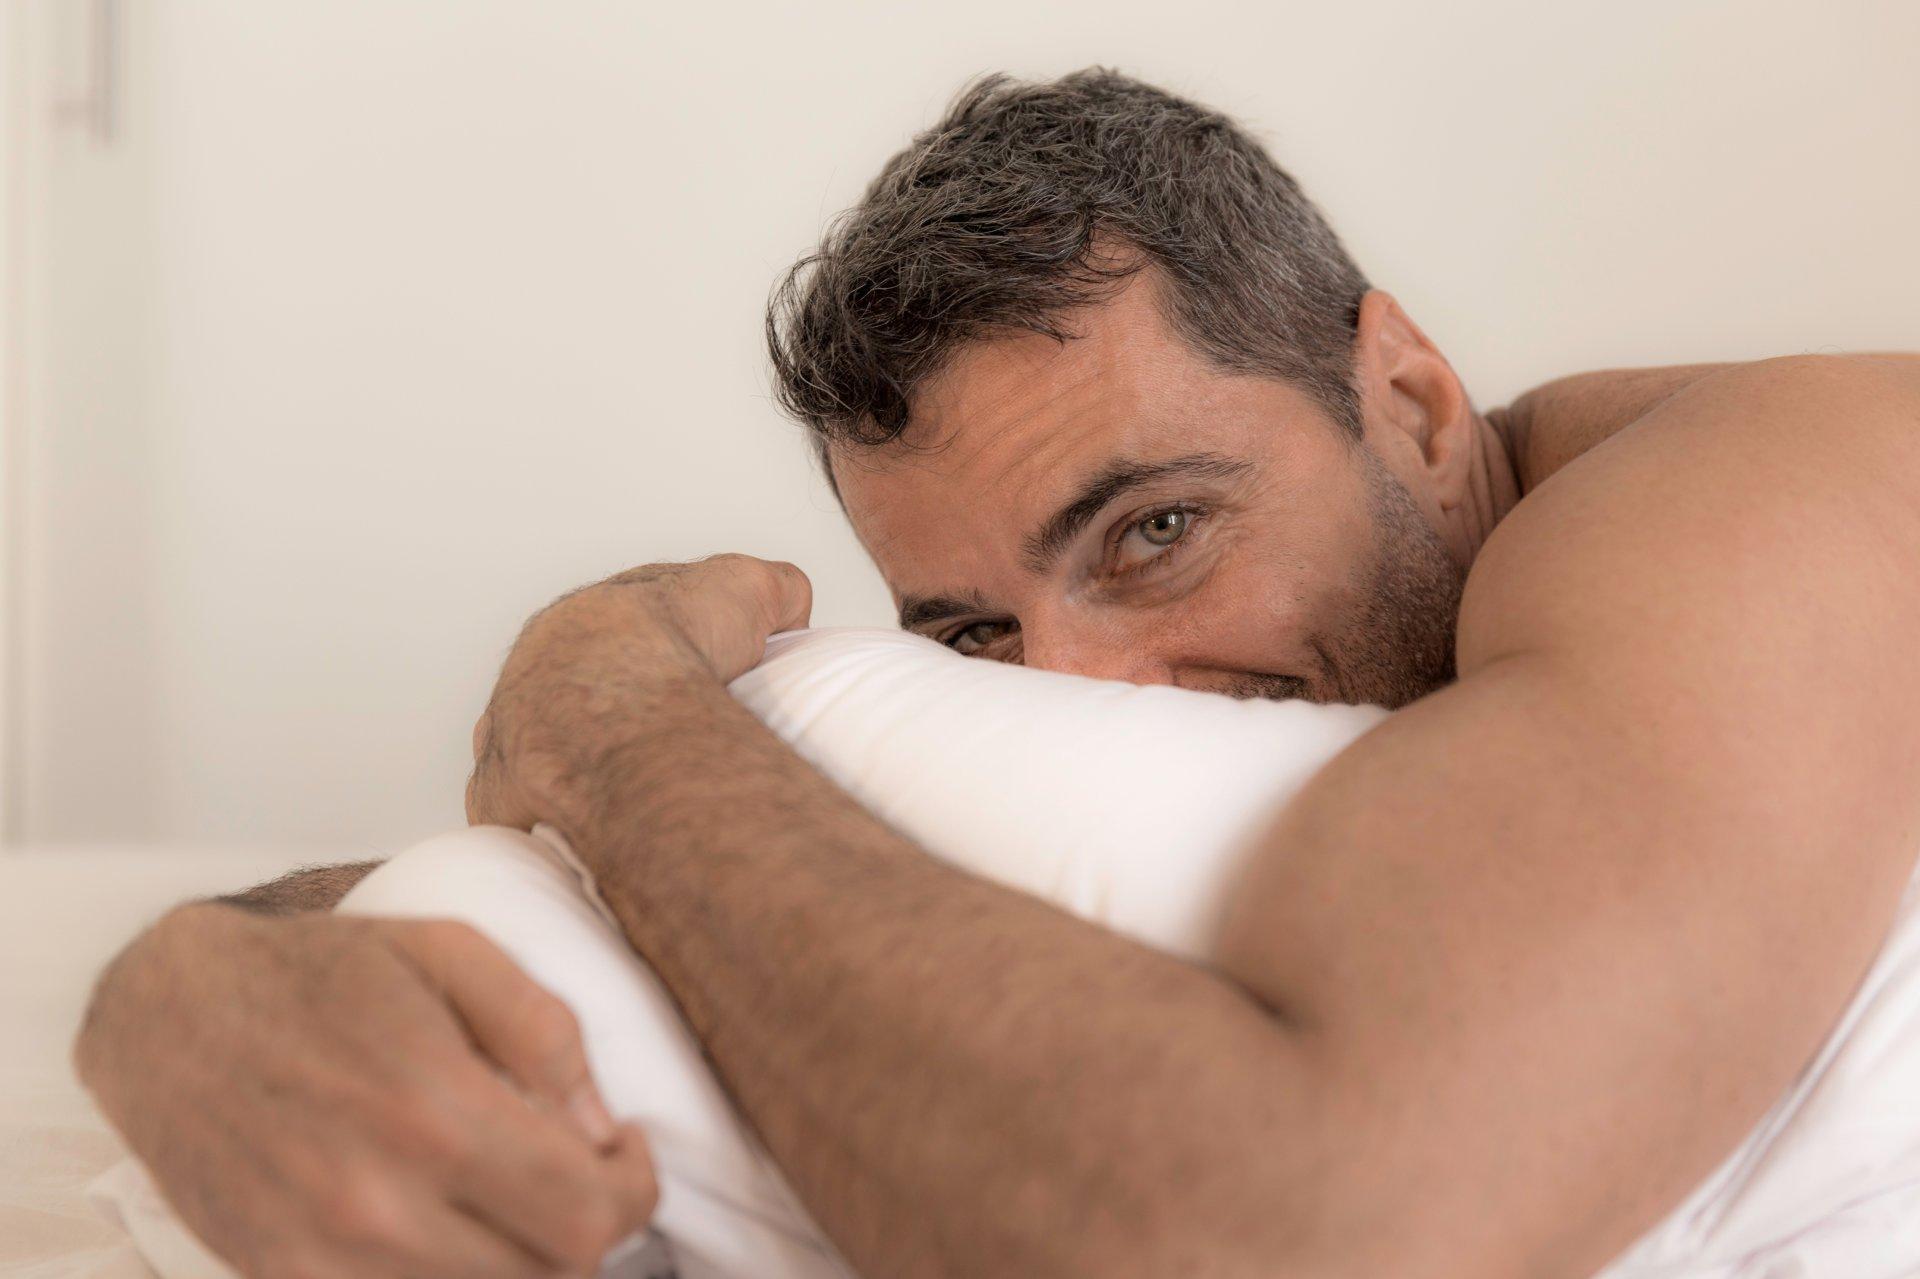 vyresnių nei 54 metų vyrų erekcija